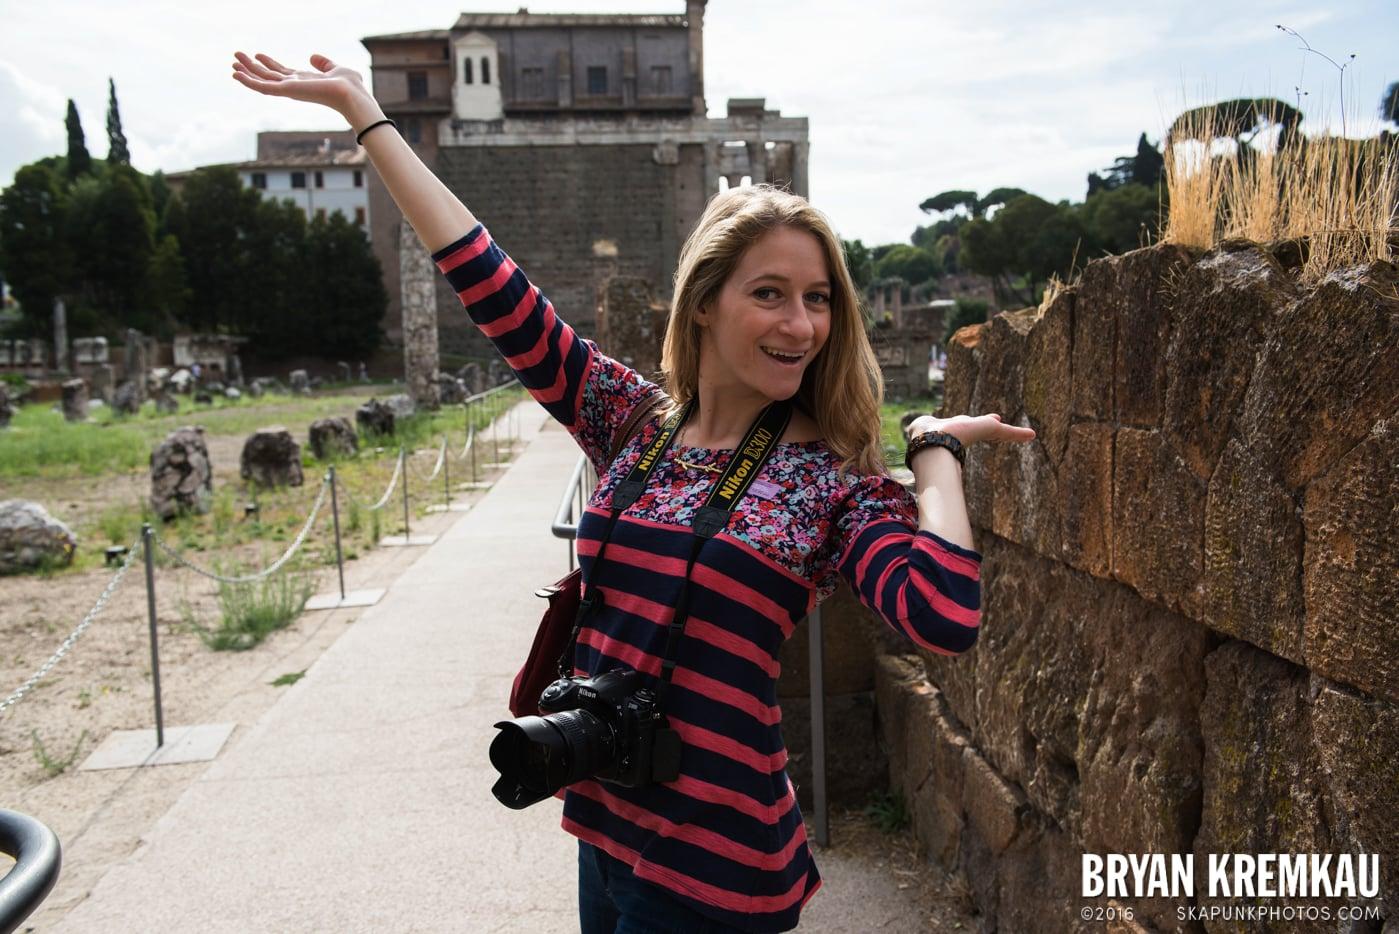 Italy Vacation - Day 2: Rome - 9.10.13 (113)